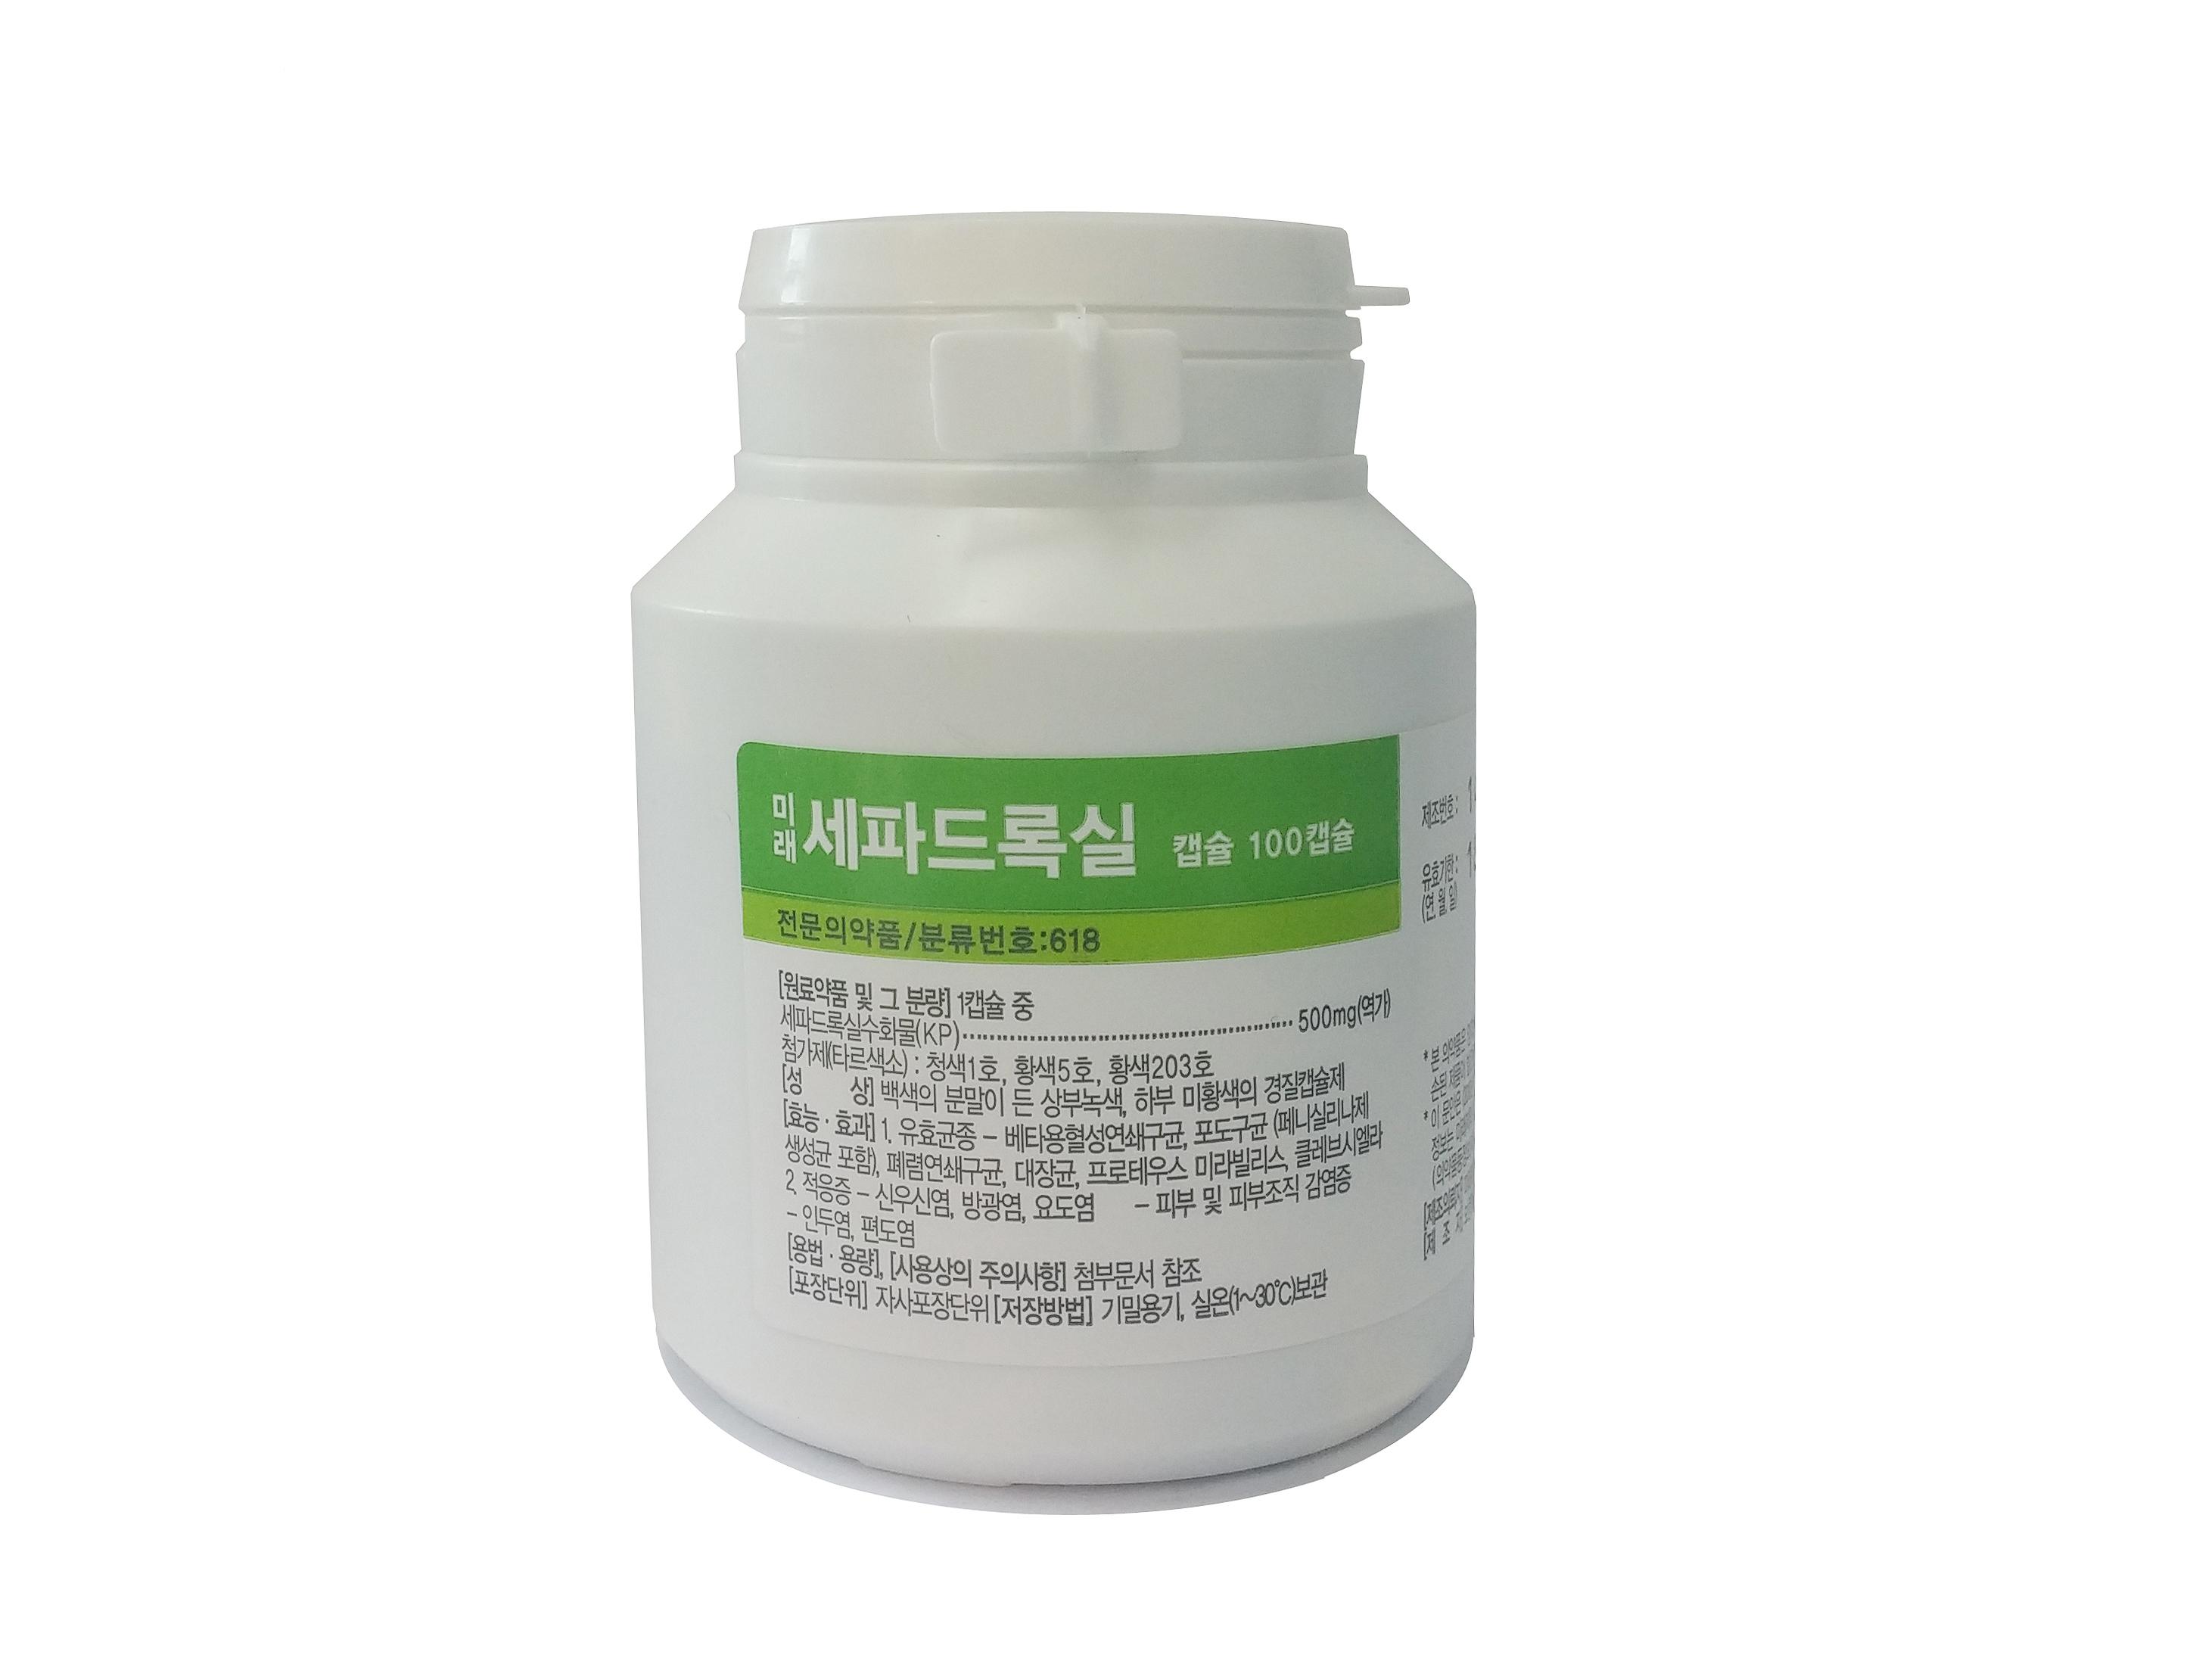 skinoren cream price